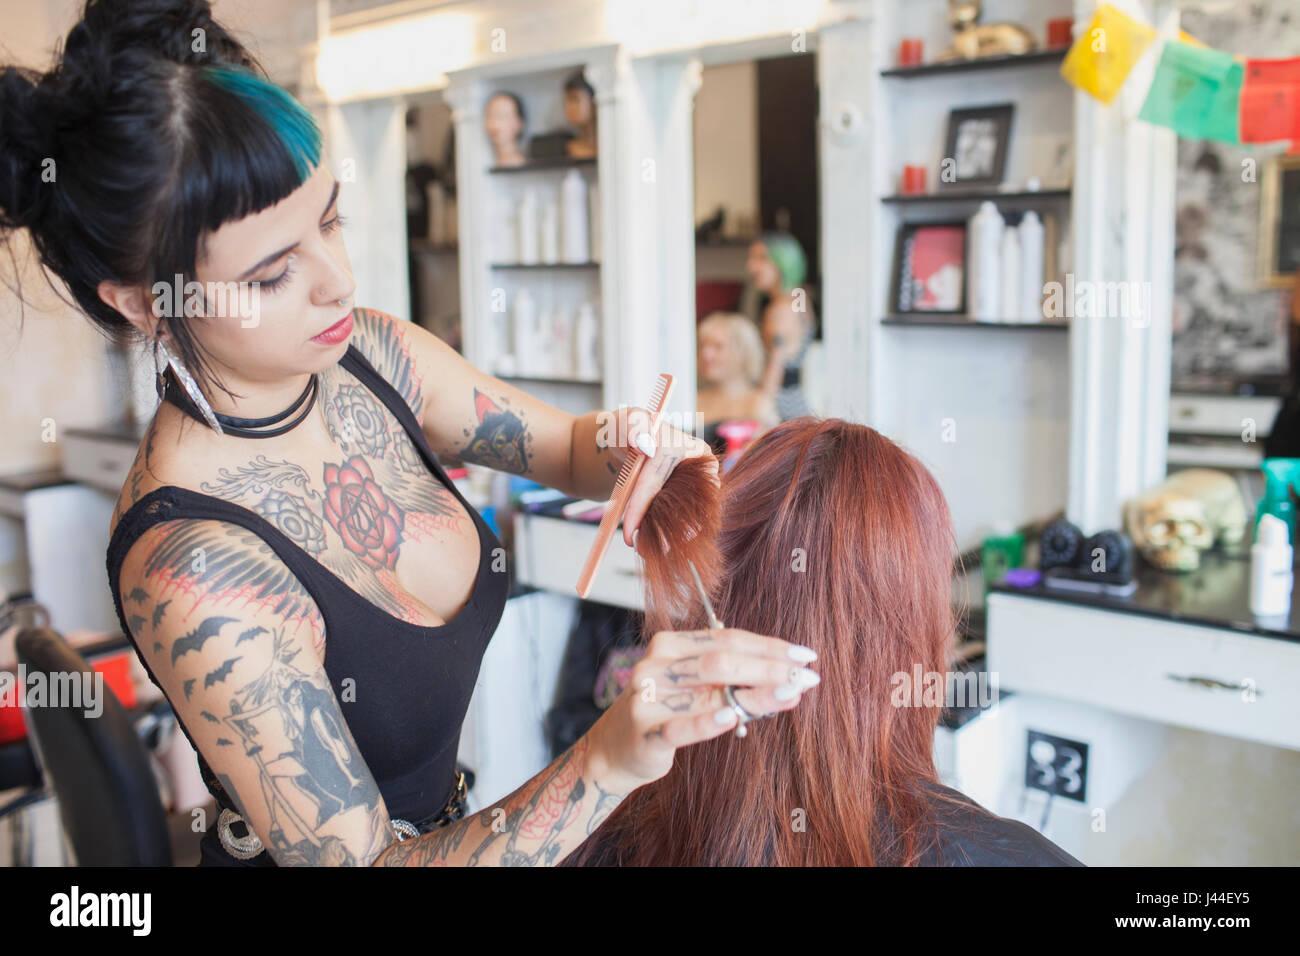 Un coiffeur styling des cheveux d'un client. Photo Stock